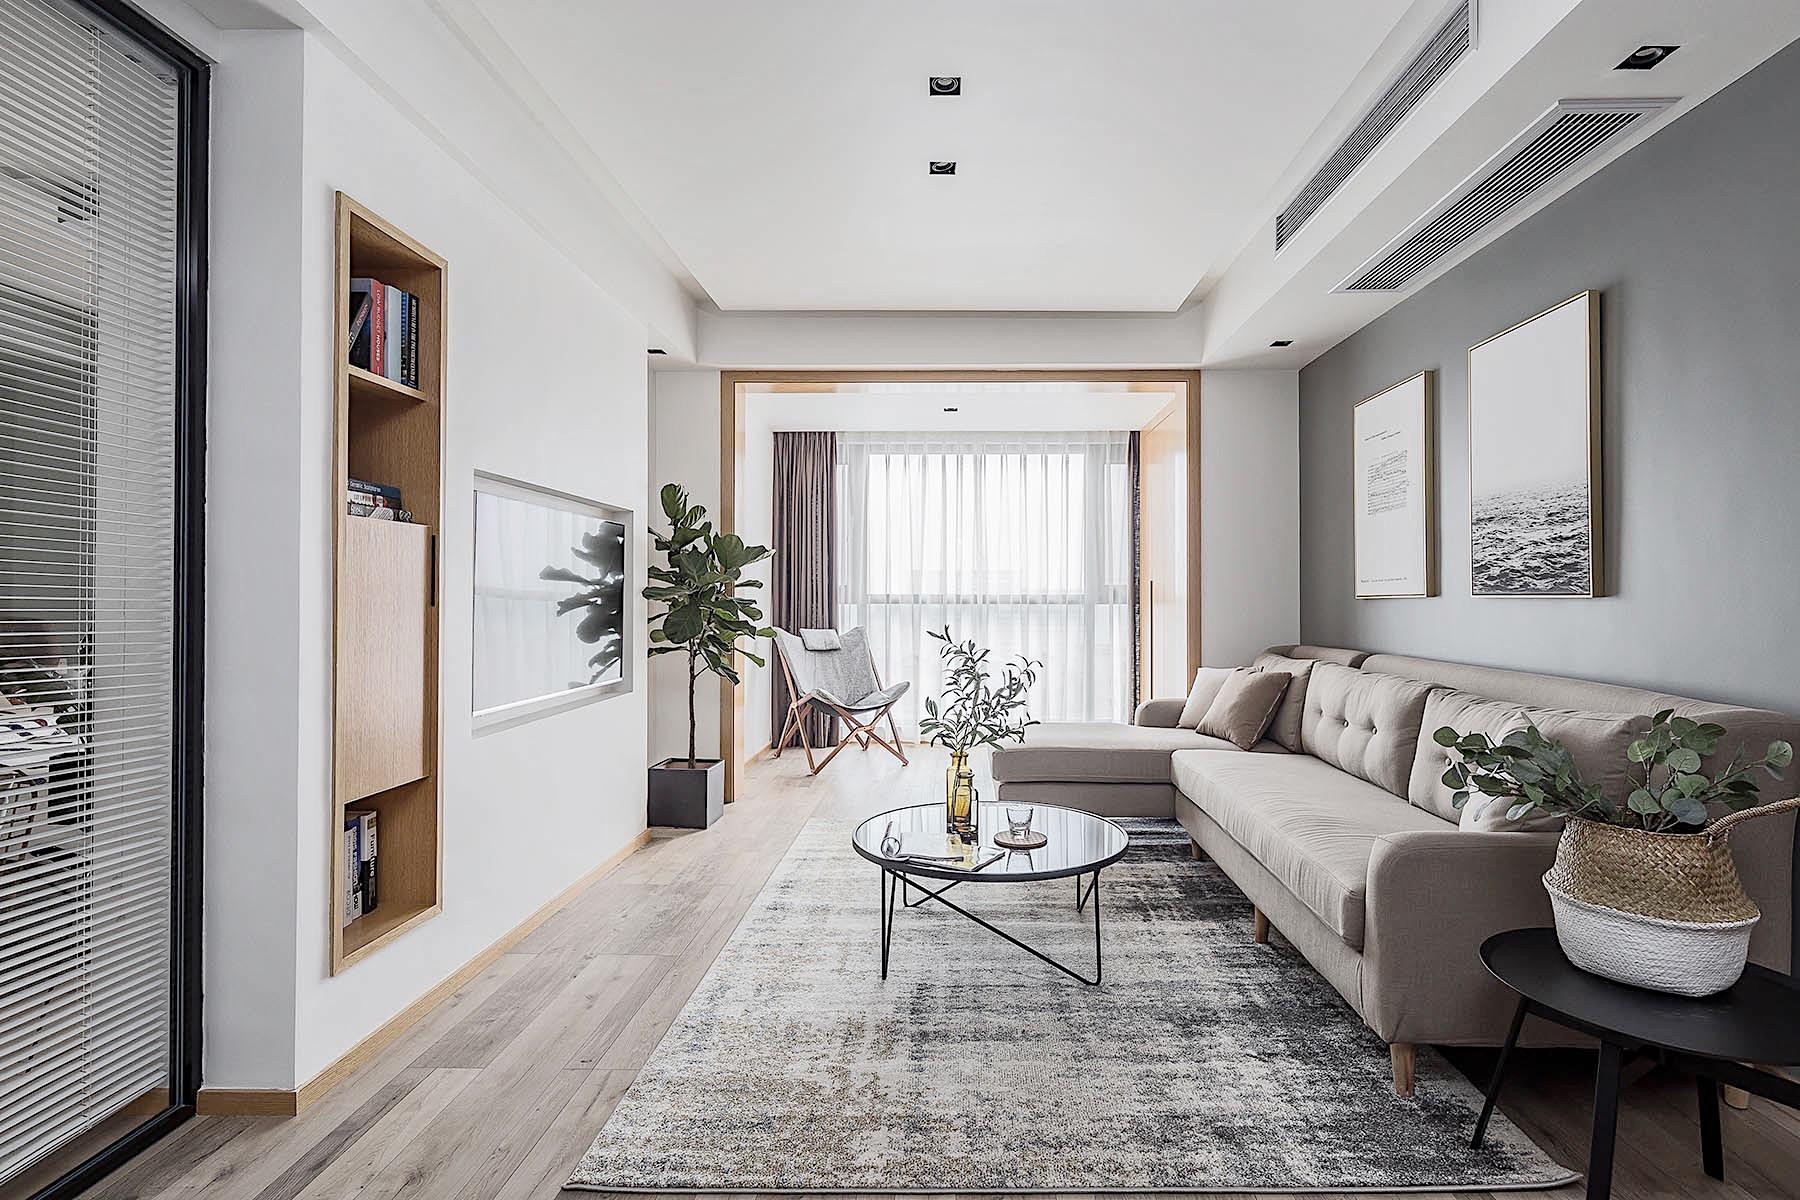 简约 二居 三居 客厅 卧室 厨房 餐厅图片来自一点装修装饰设计在100平米现代简约风格案例欣赏的分享